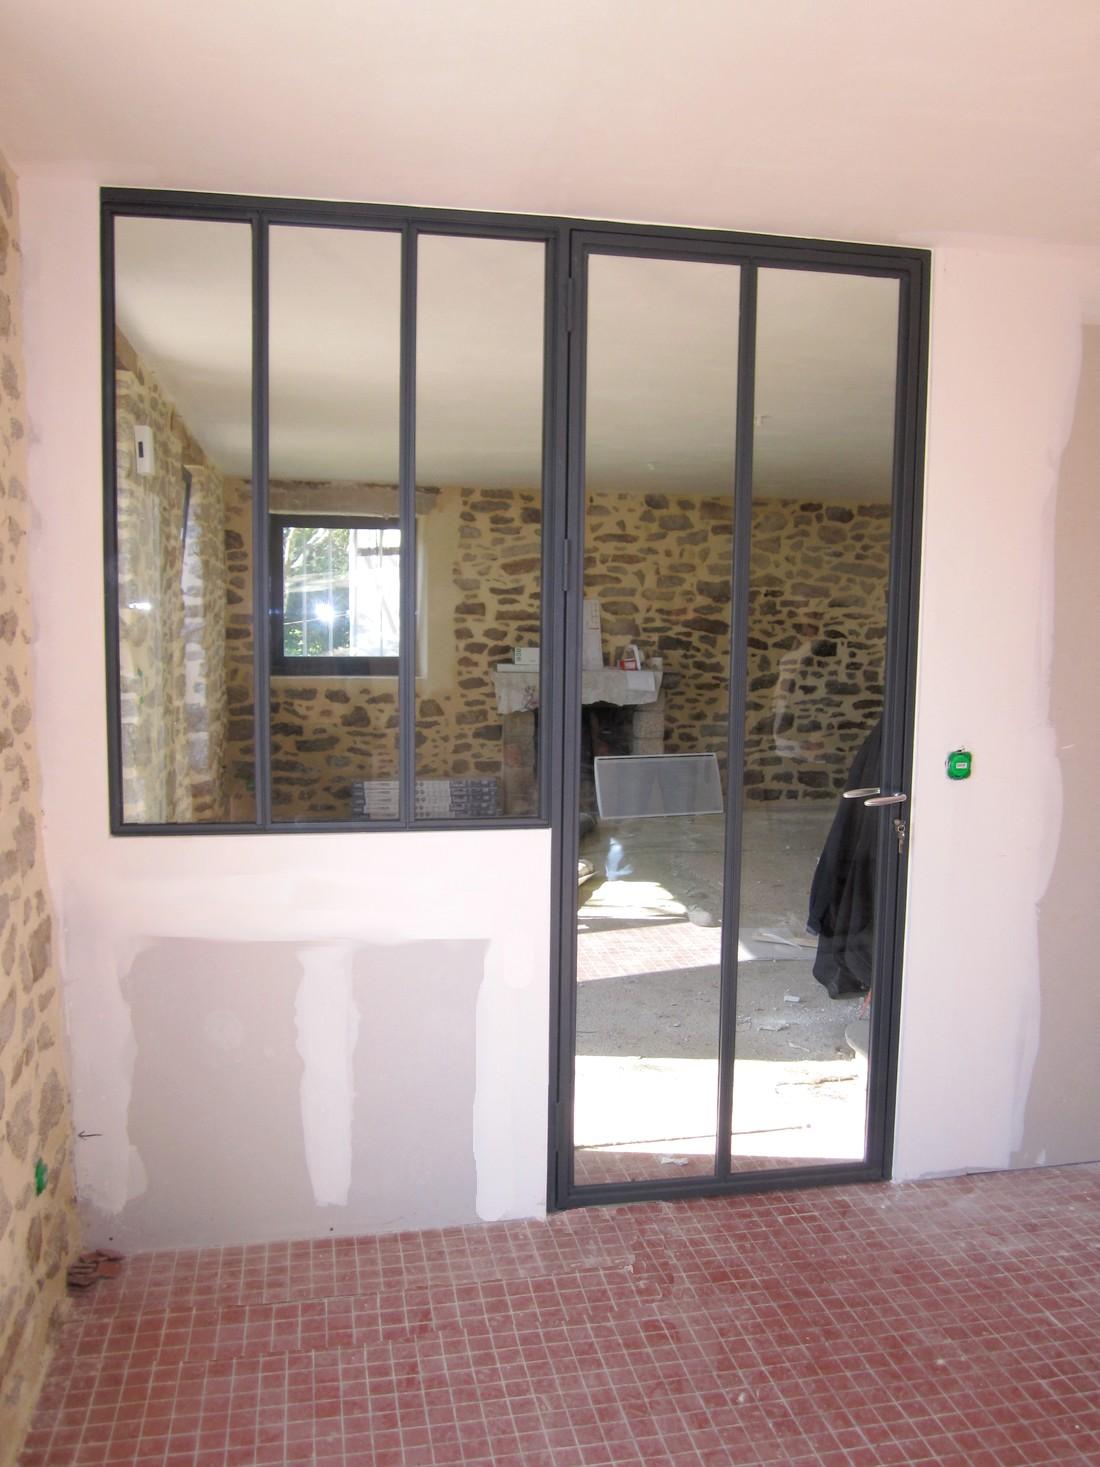 Portes d'intérieures-Boreal Ouvertures-Vannes 56